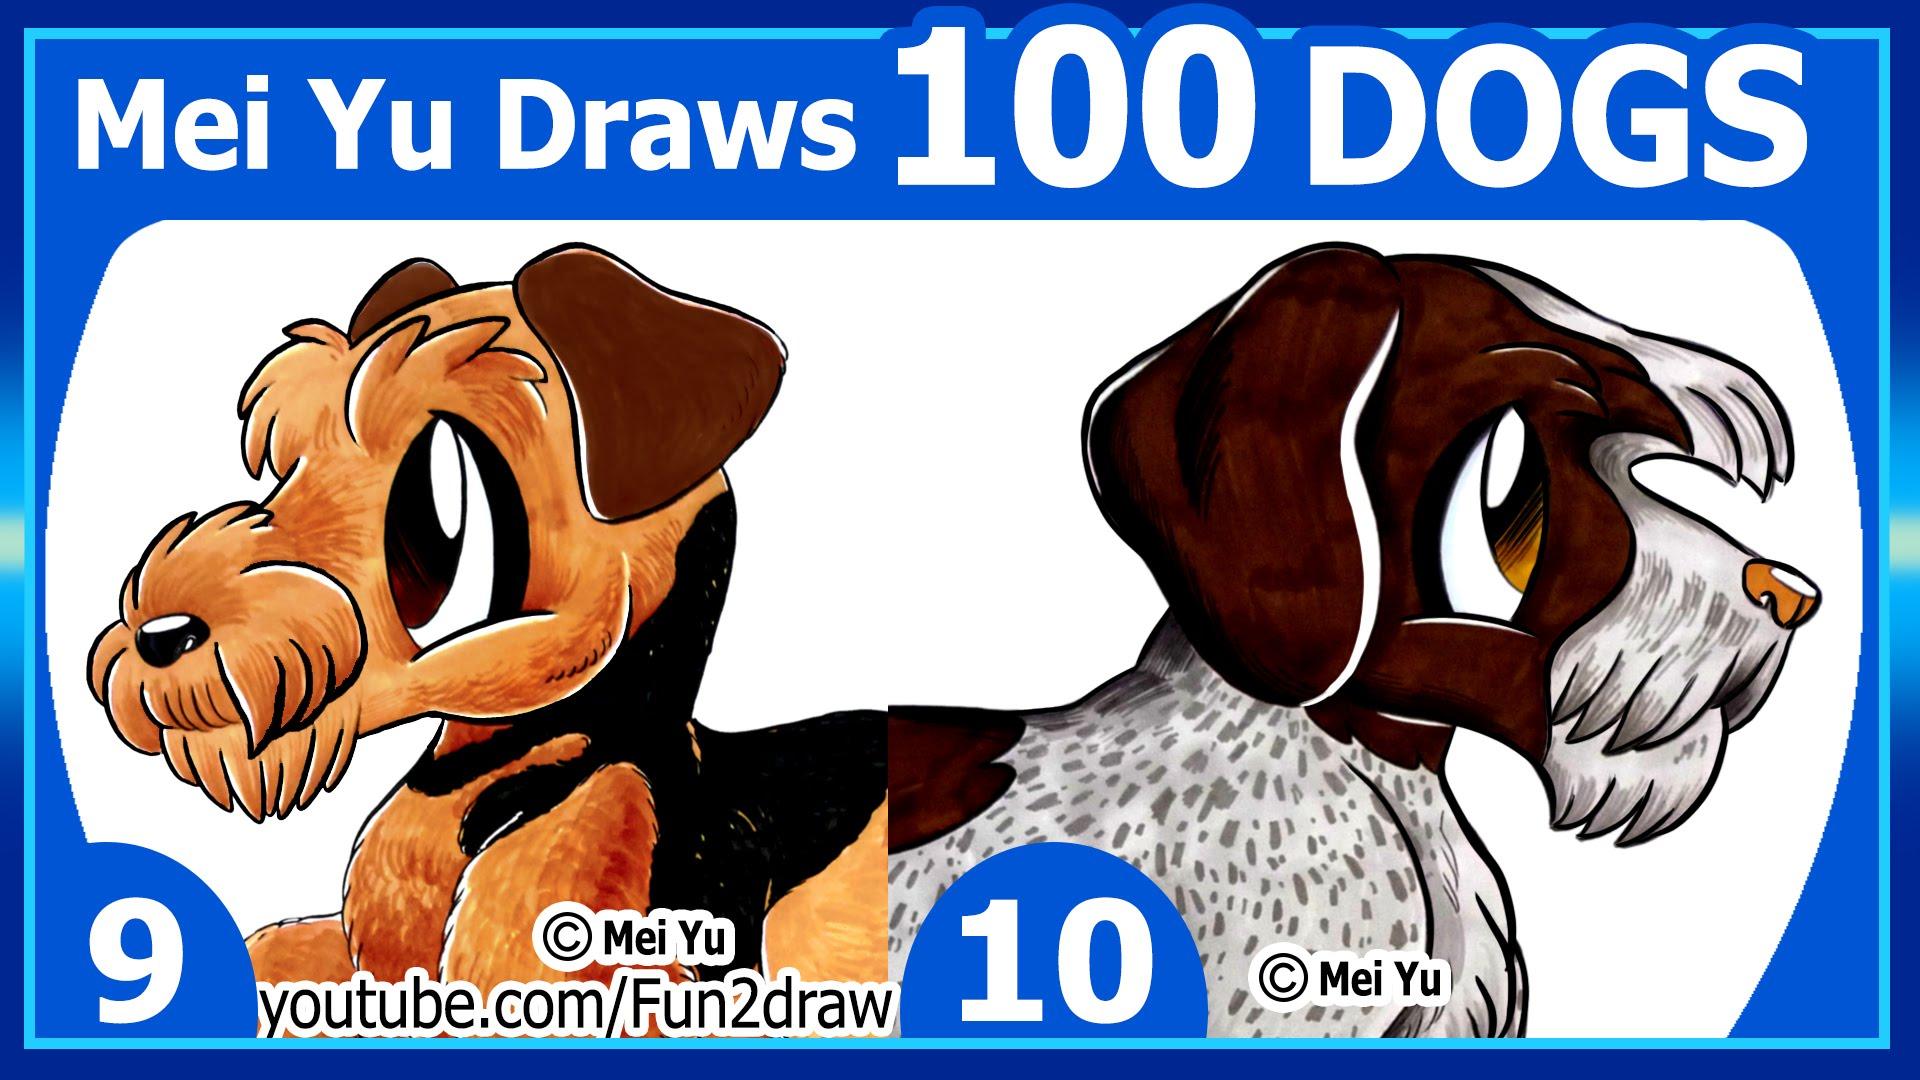 Drawn puppy mei yu Drawing + 100 Mei Dogs